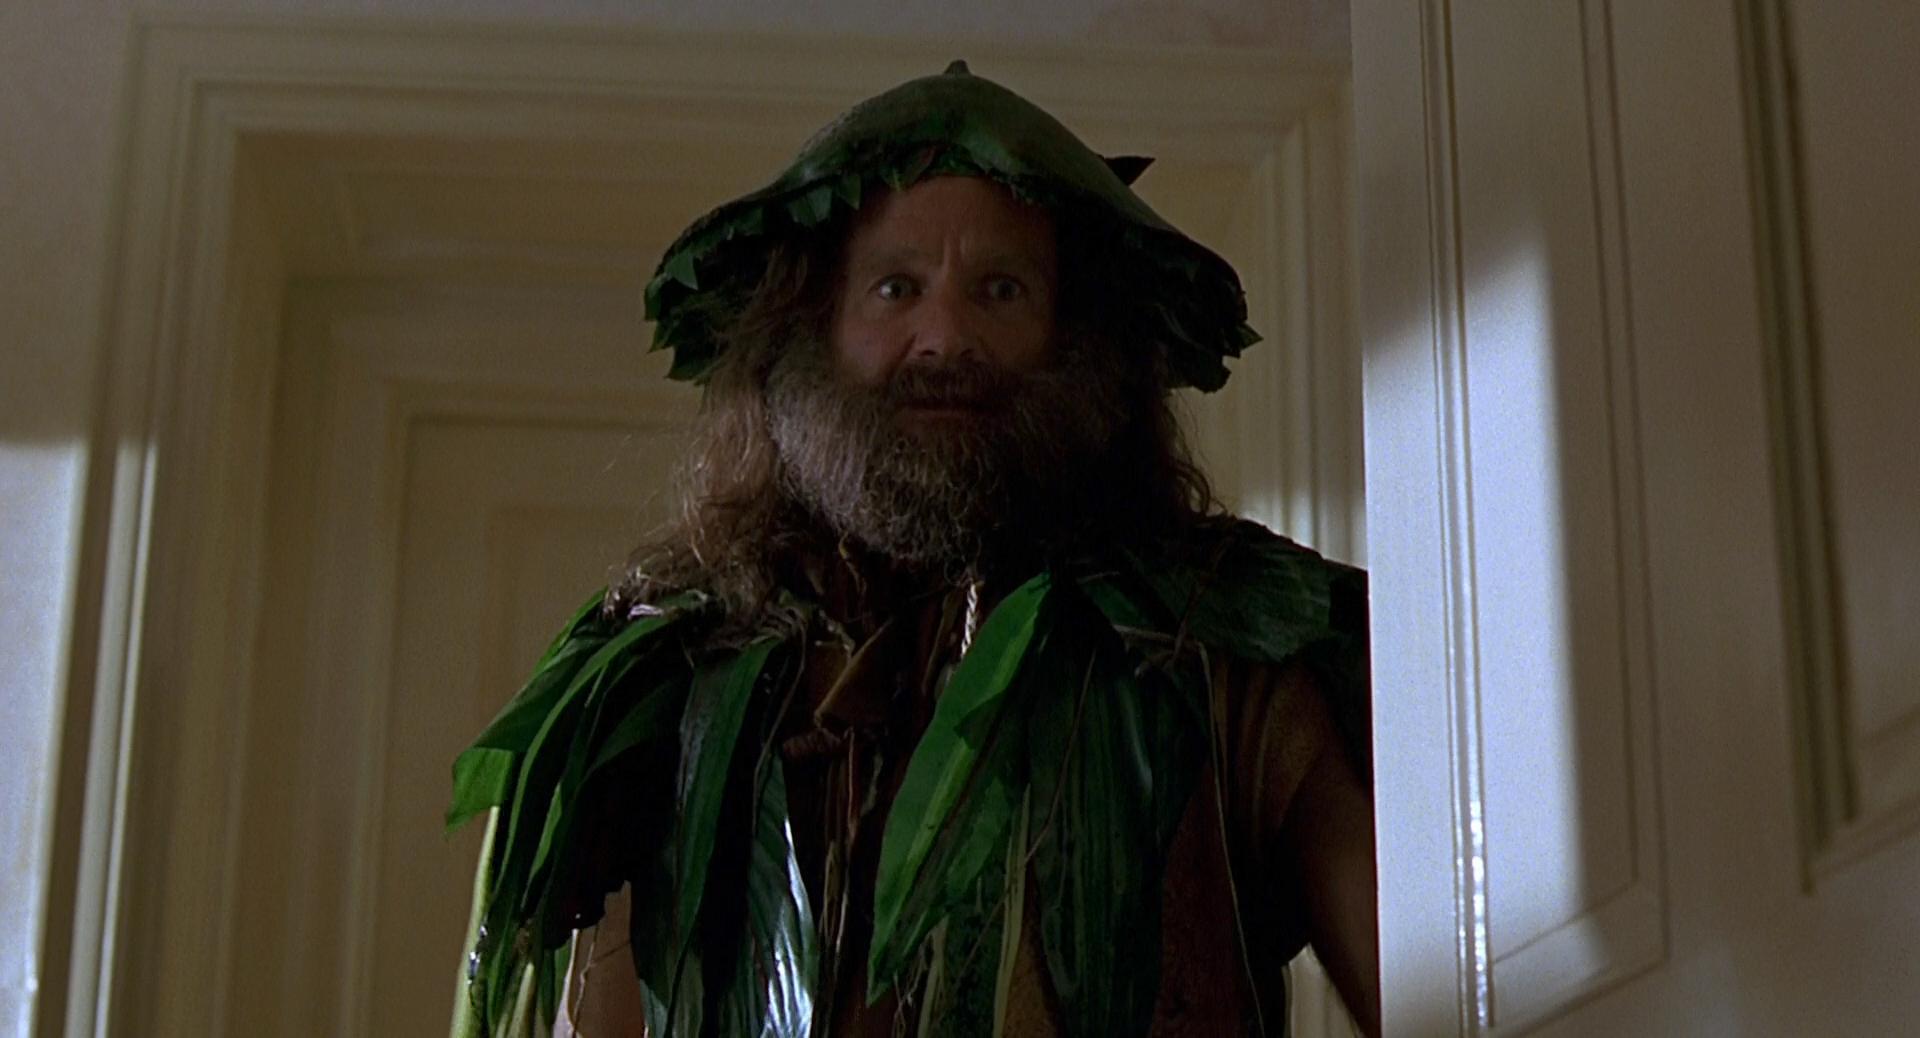 Robin Williams Jumanji In actuality  Jumanji is a fun